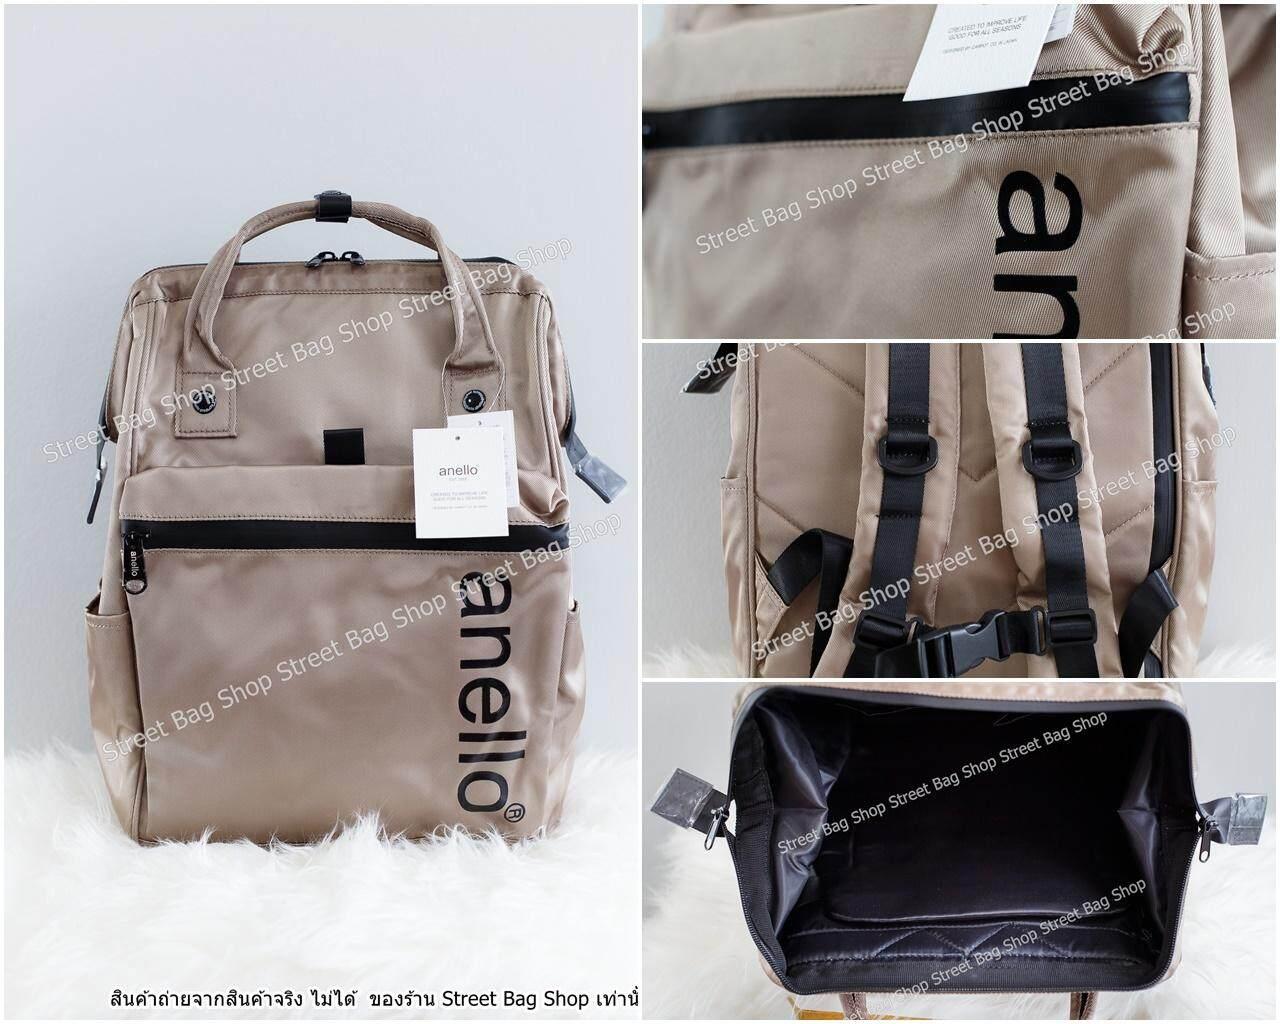 ปราจีนบุรี ของแท้ กระเป๋าเป้ Anello Repellency Waterproof Classic Size สี Brown